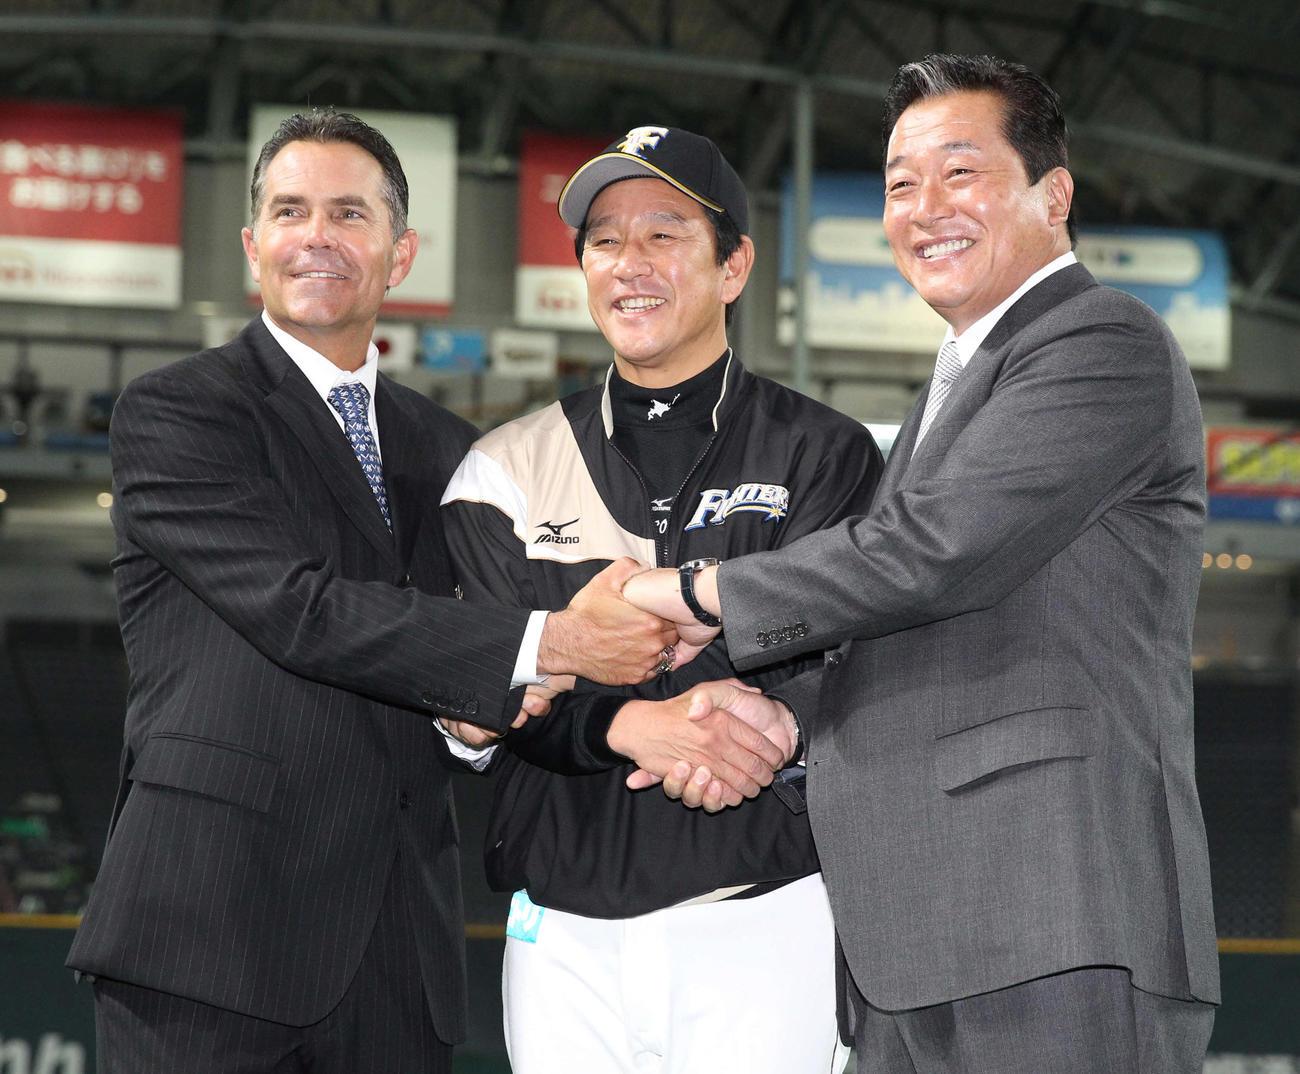 日本ハム歴代監督が記念撮影。左からヒルマン氏、栗山監督、梨田氏(2014年3月30日)